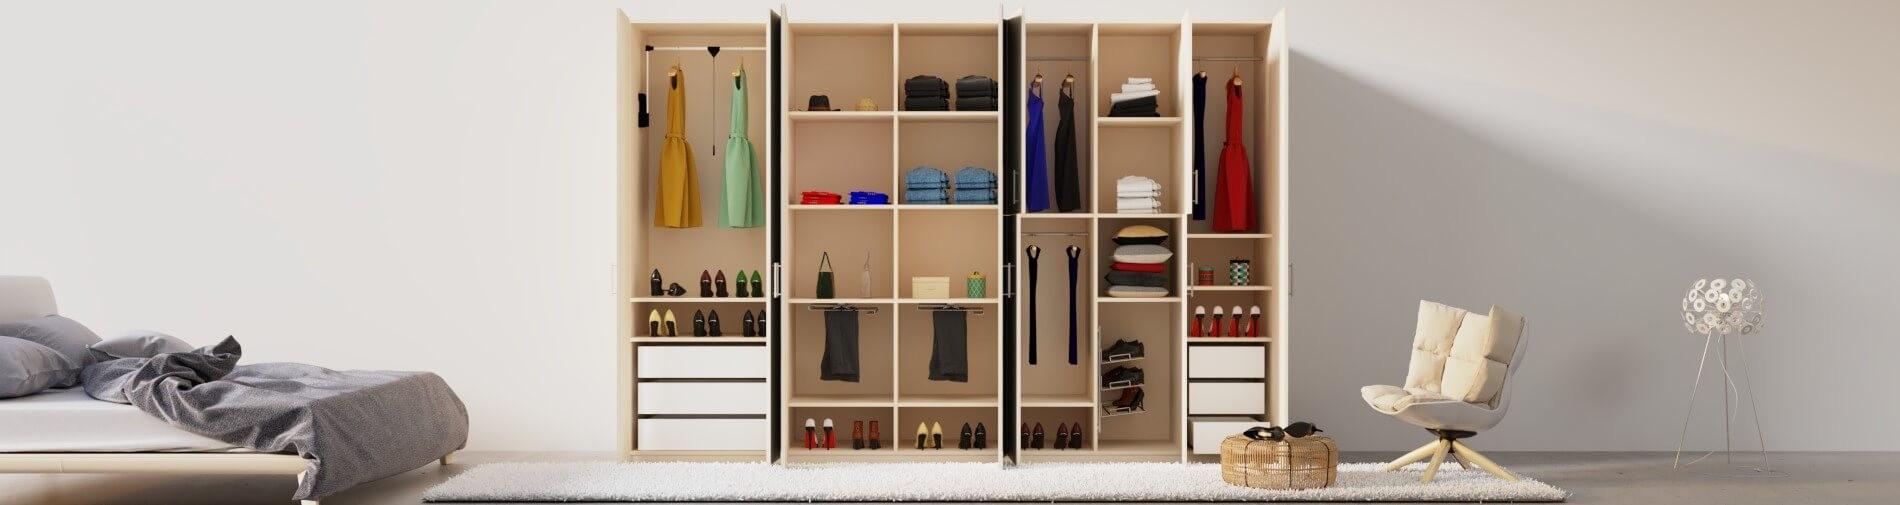 Schlafzimmerschrank Selber Bauen.Schrank Zum Selbstbauen Online Bestellen Schrankplaner De